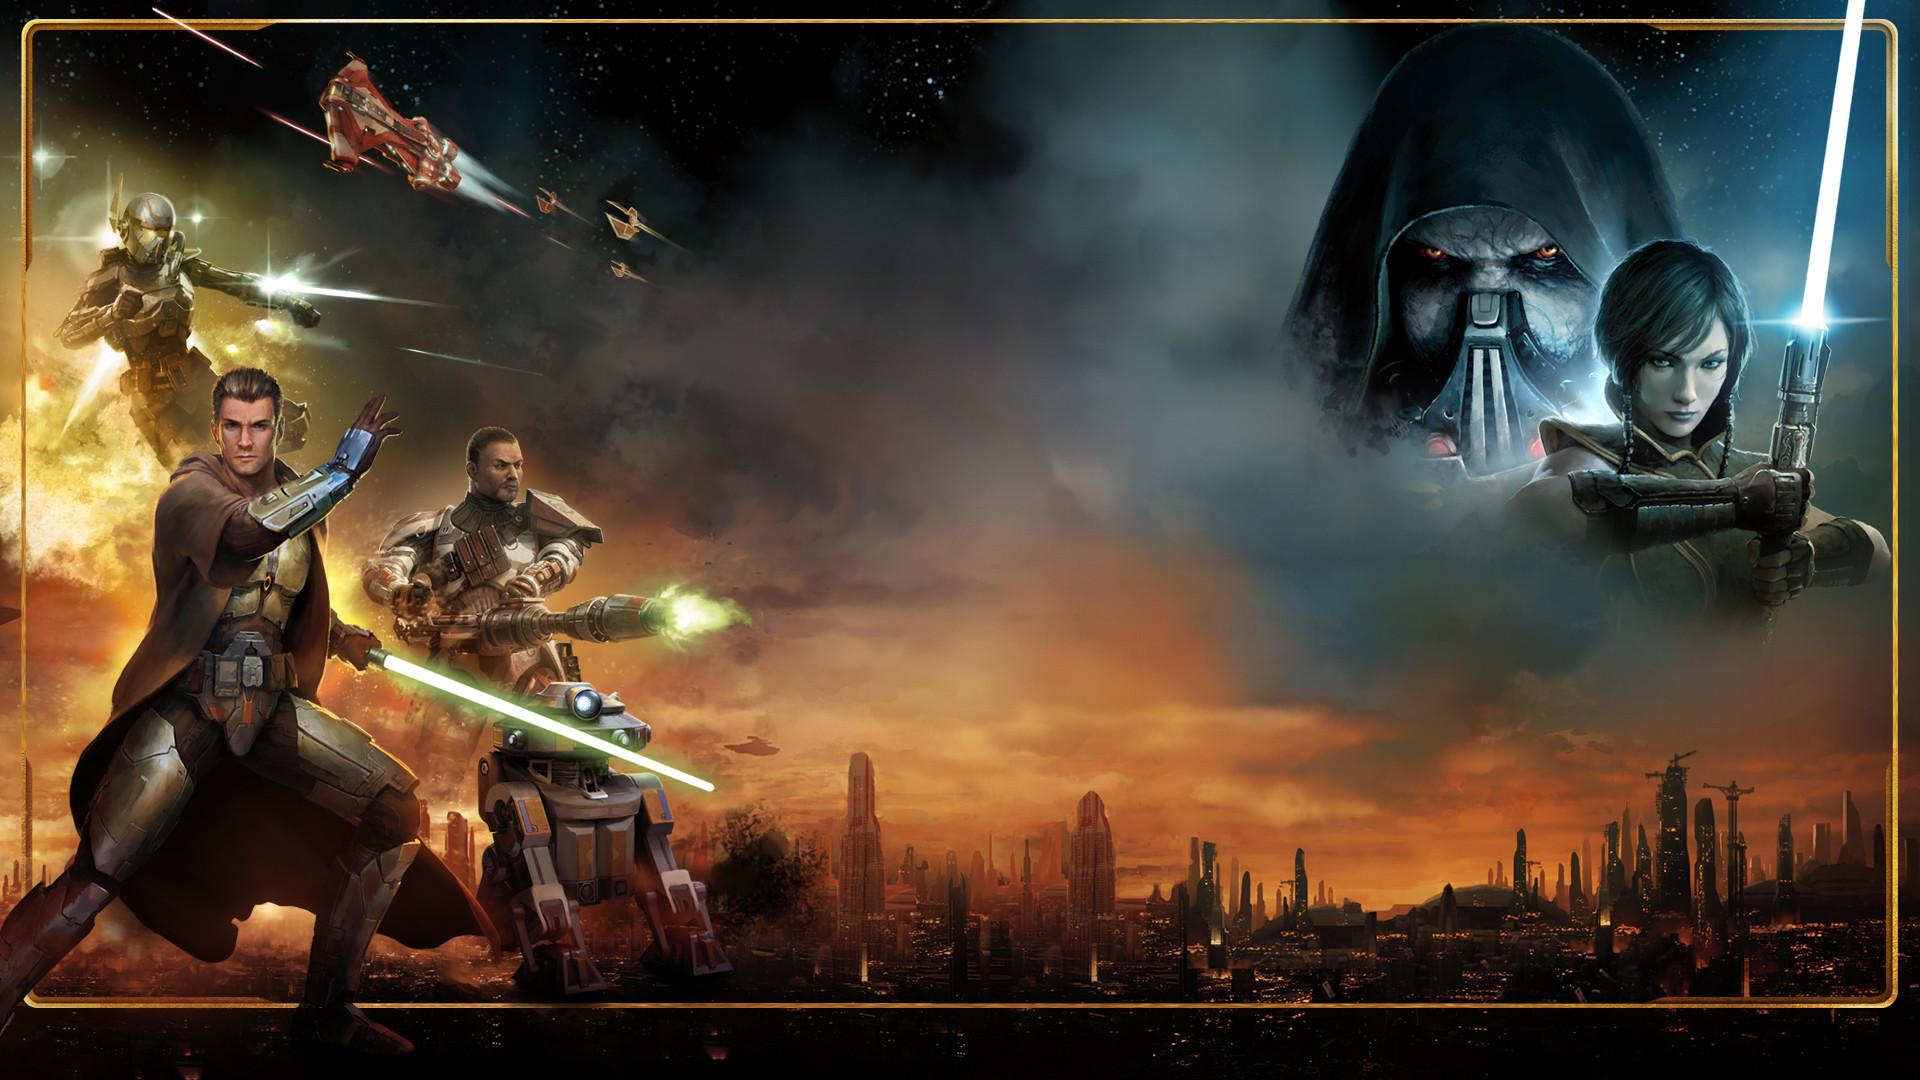 Tags: Star Wars …